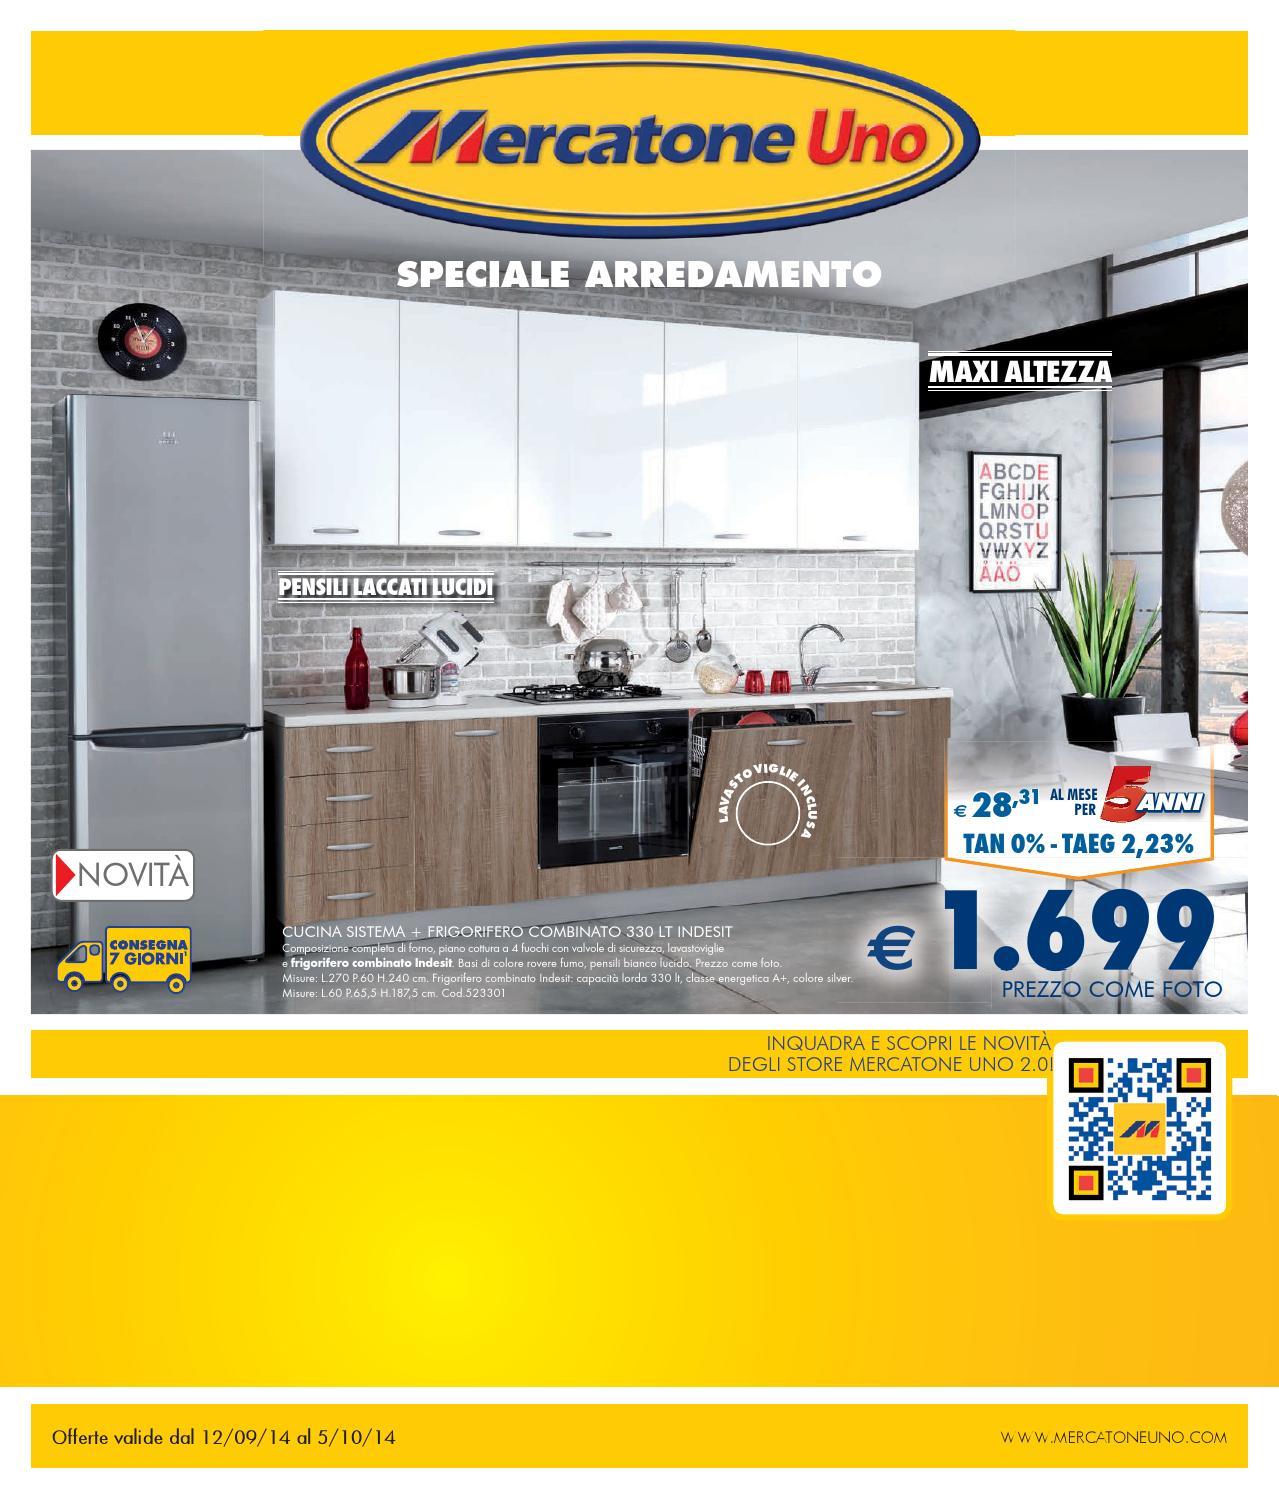 mercatone uno 5 anni by mobilpro - issuu - Soggiorno Angolare Mercatone Uno 2